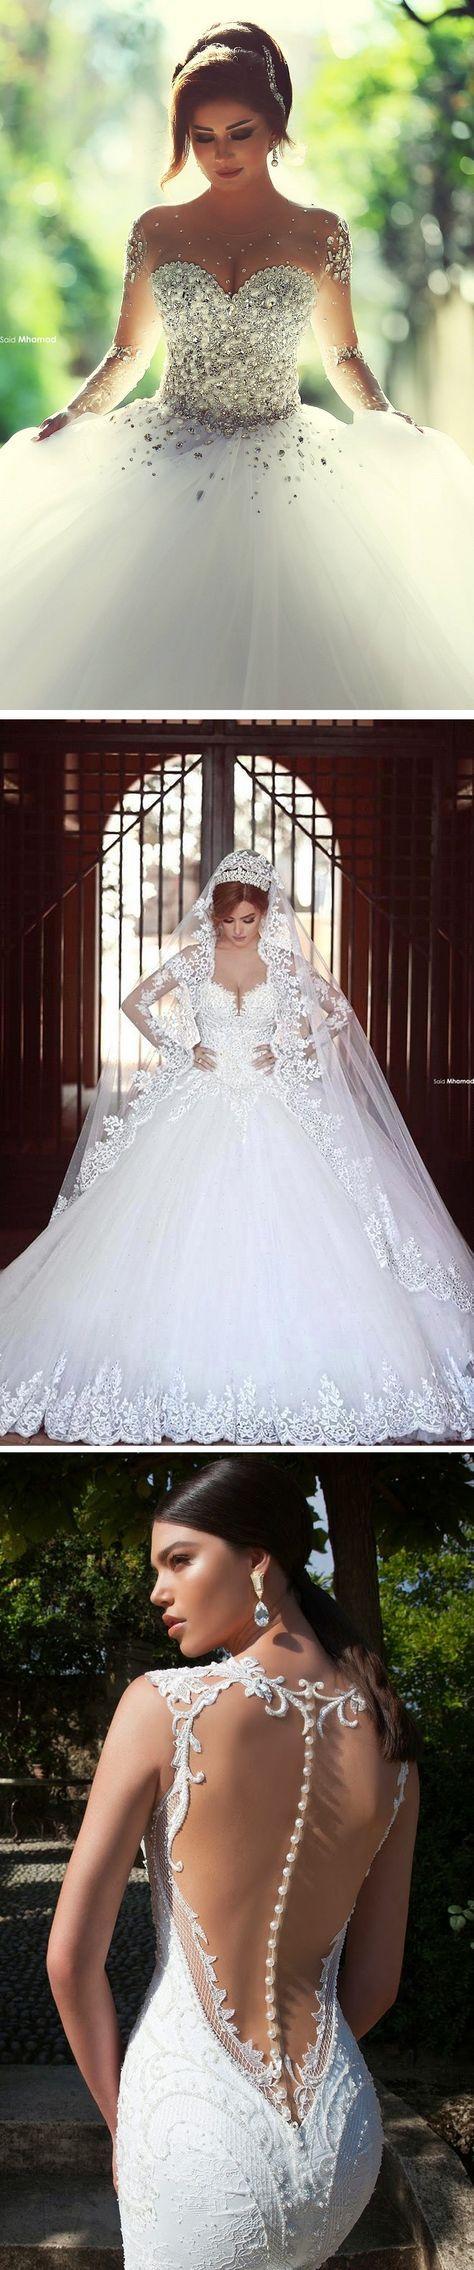 Sonho de qualquer noiva *-*